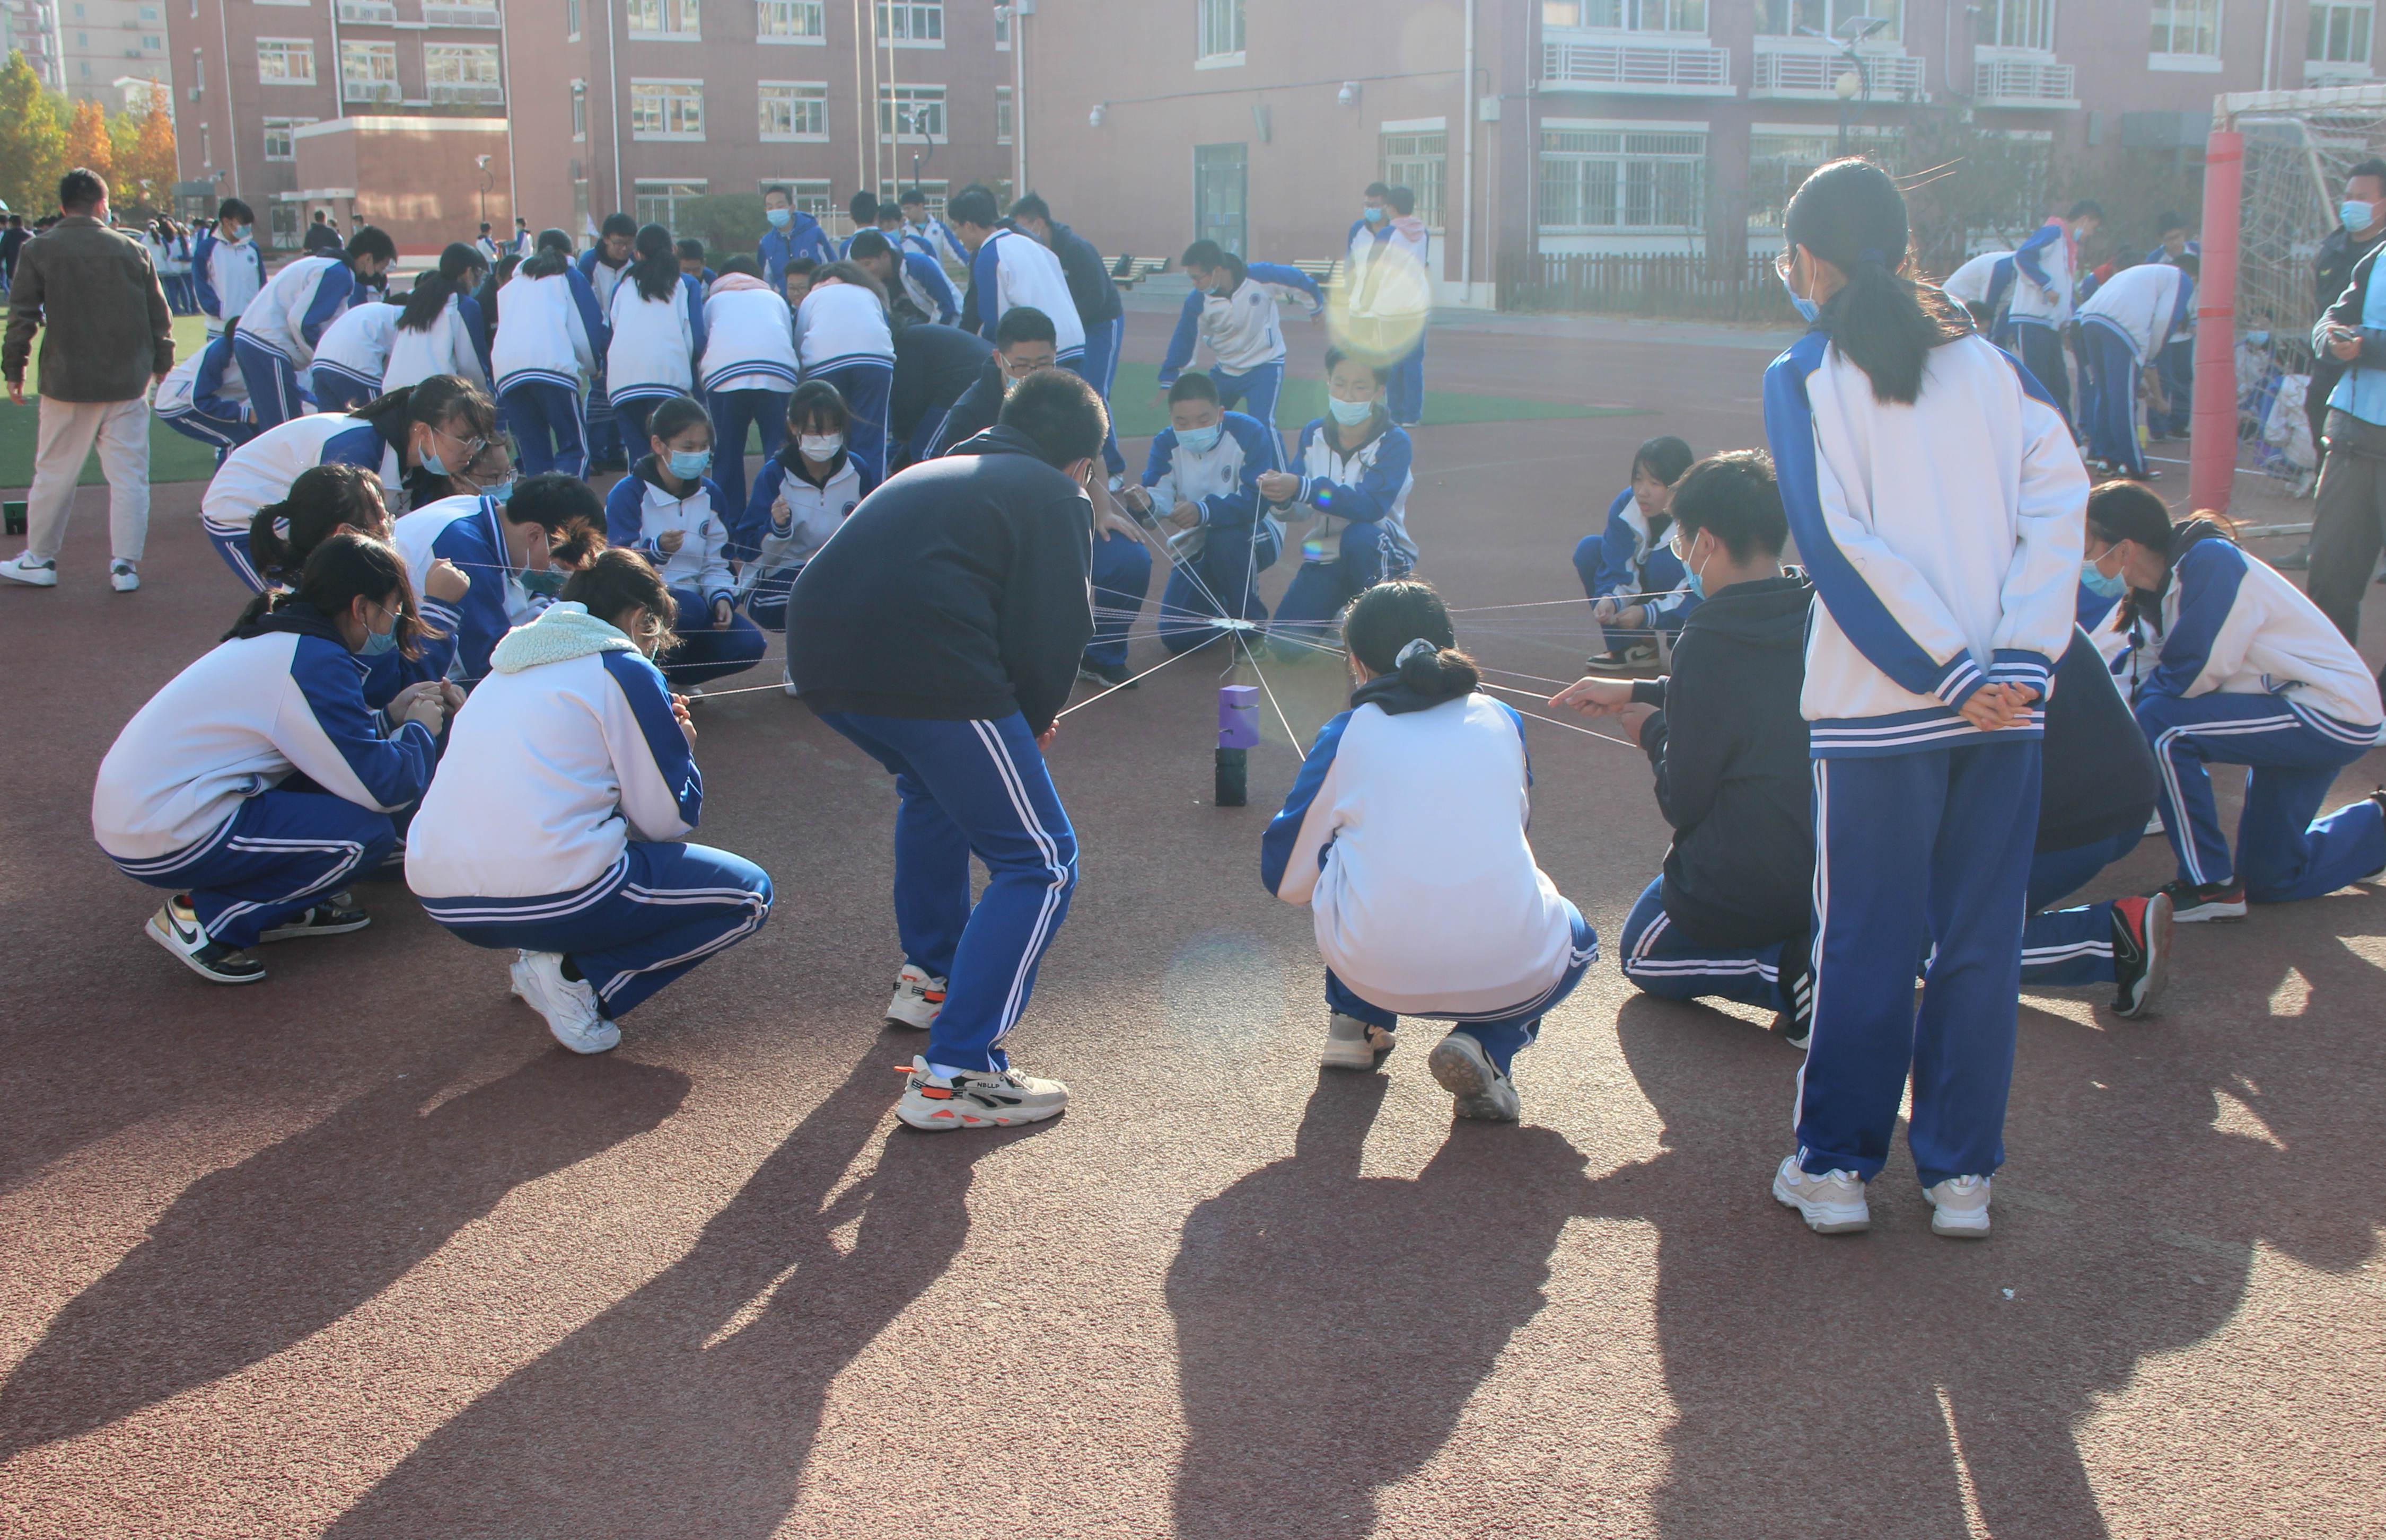 凝心聚力,携手奋进——工大附中初三年级心理拓展活动